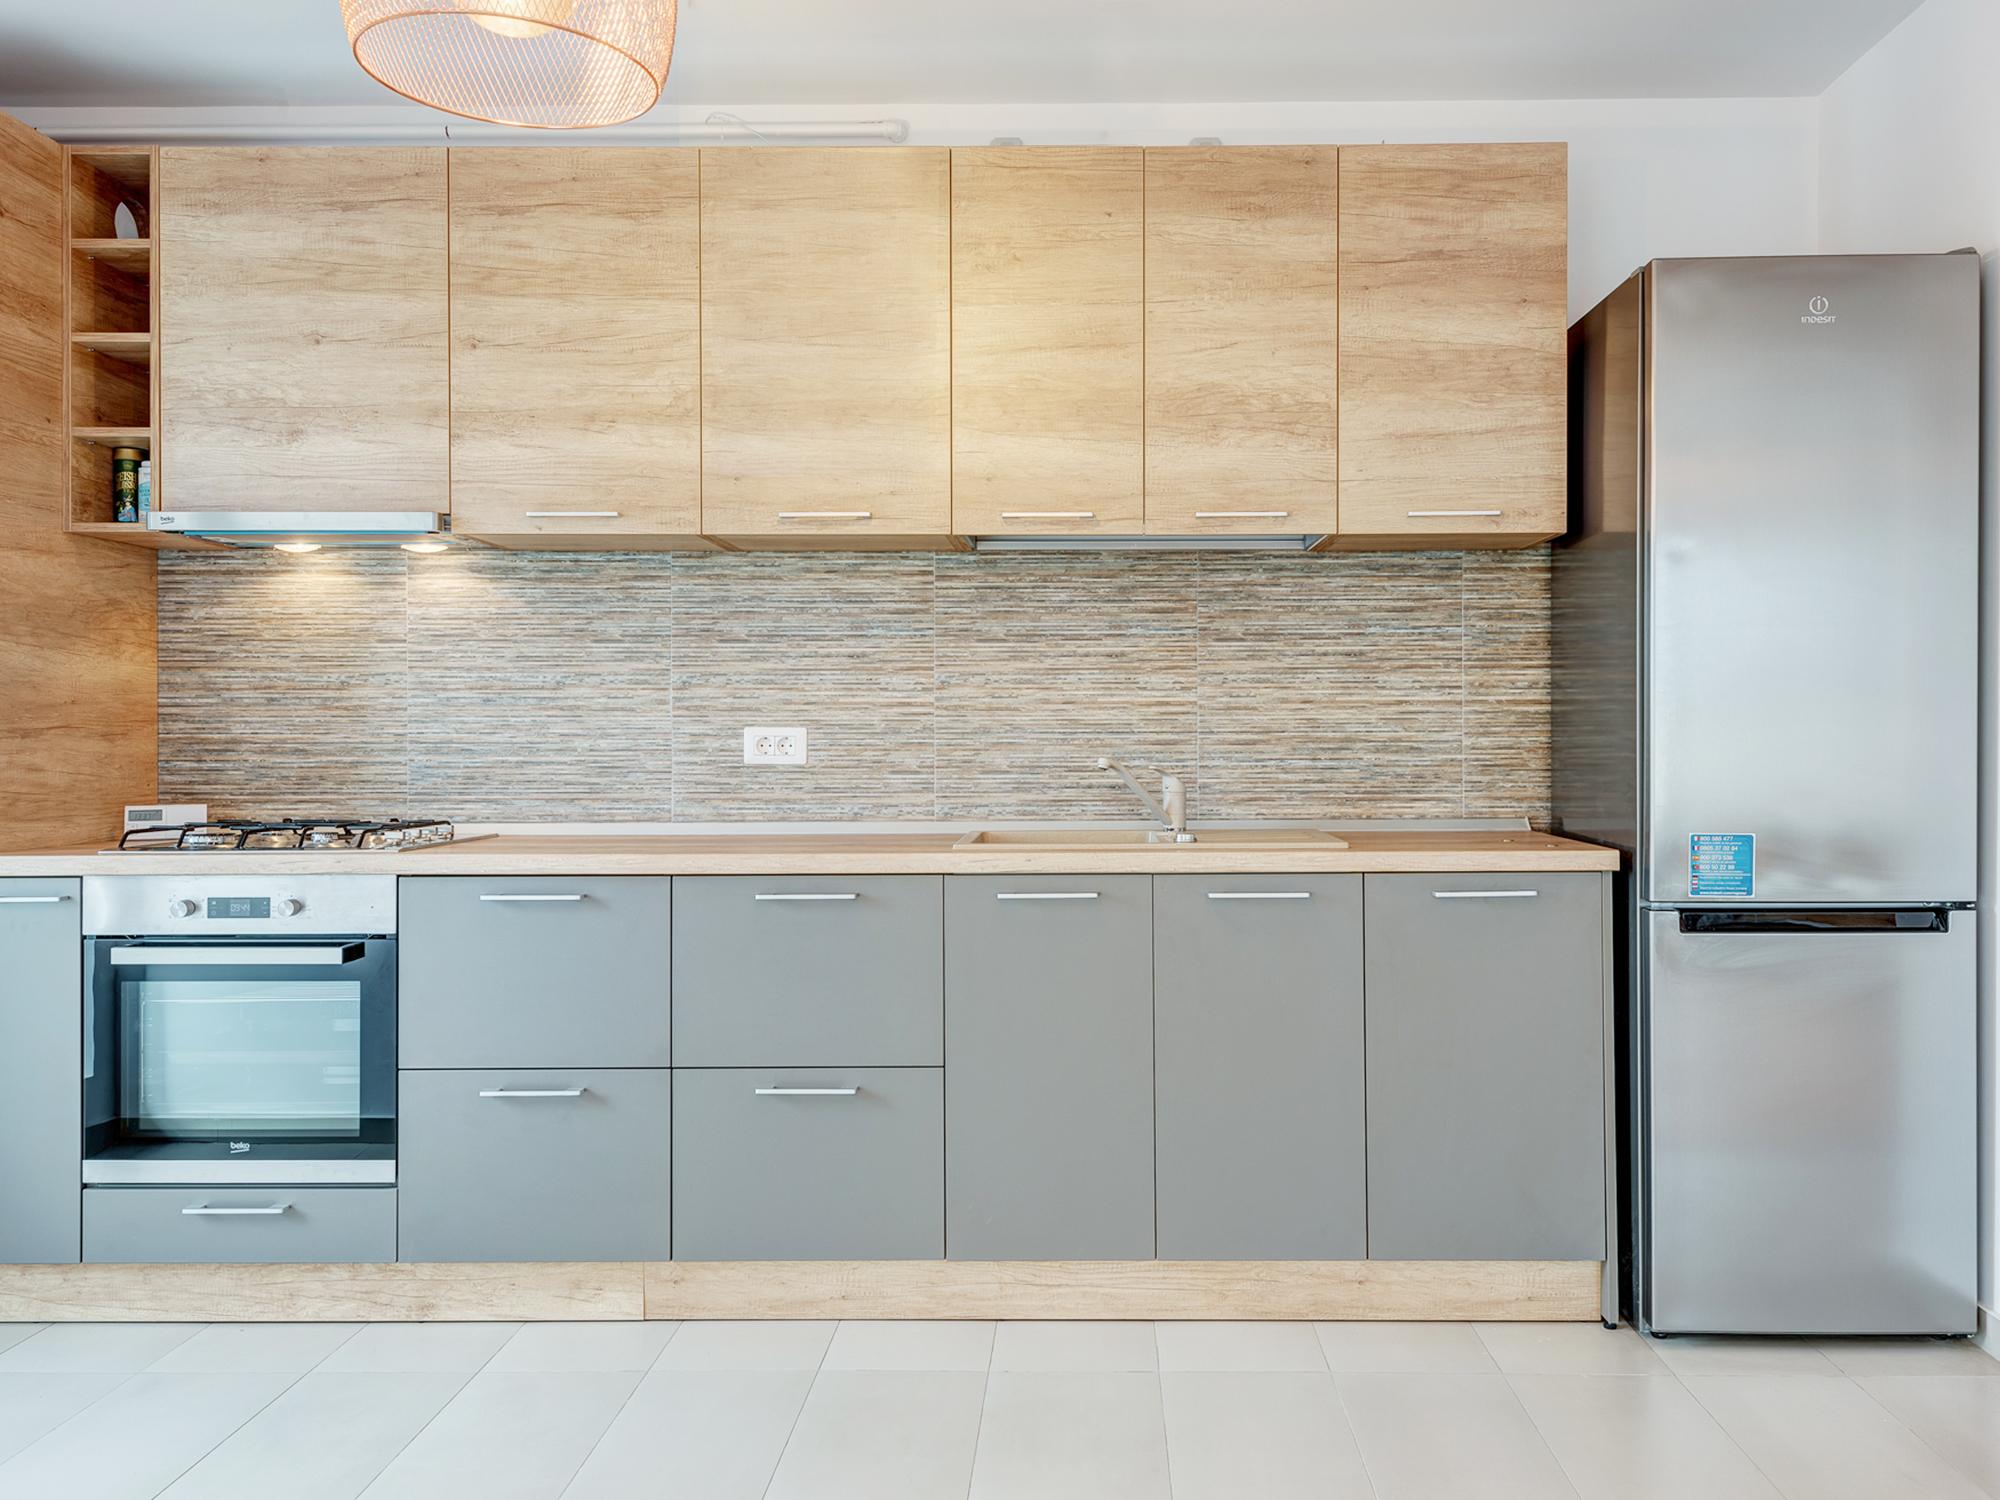 Apartamente-Faza-2-LaRa-Condominium-11